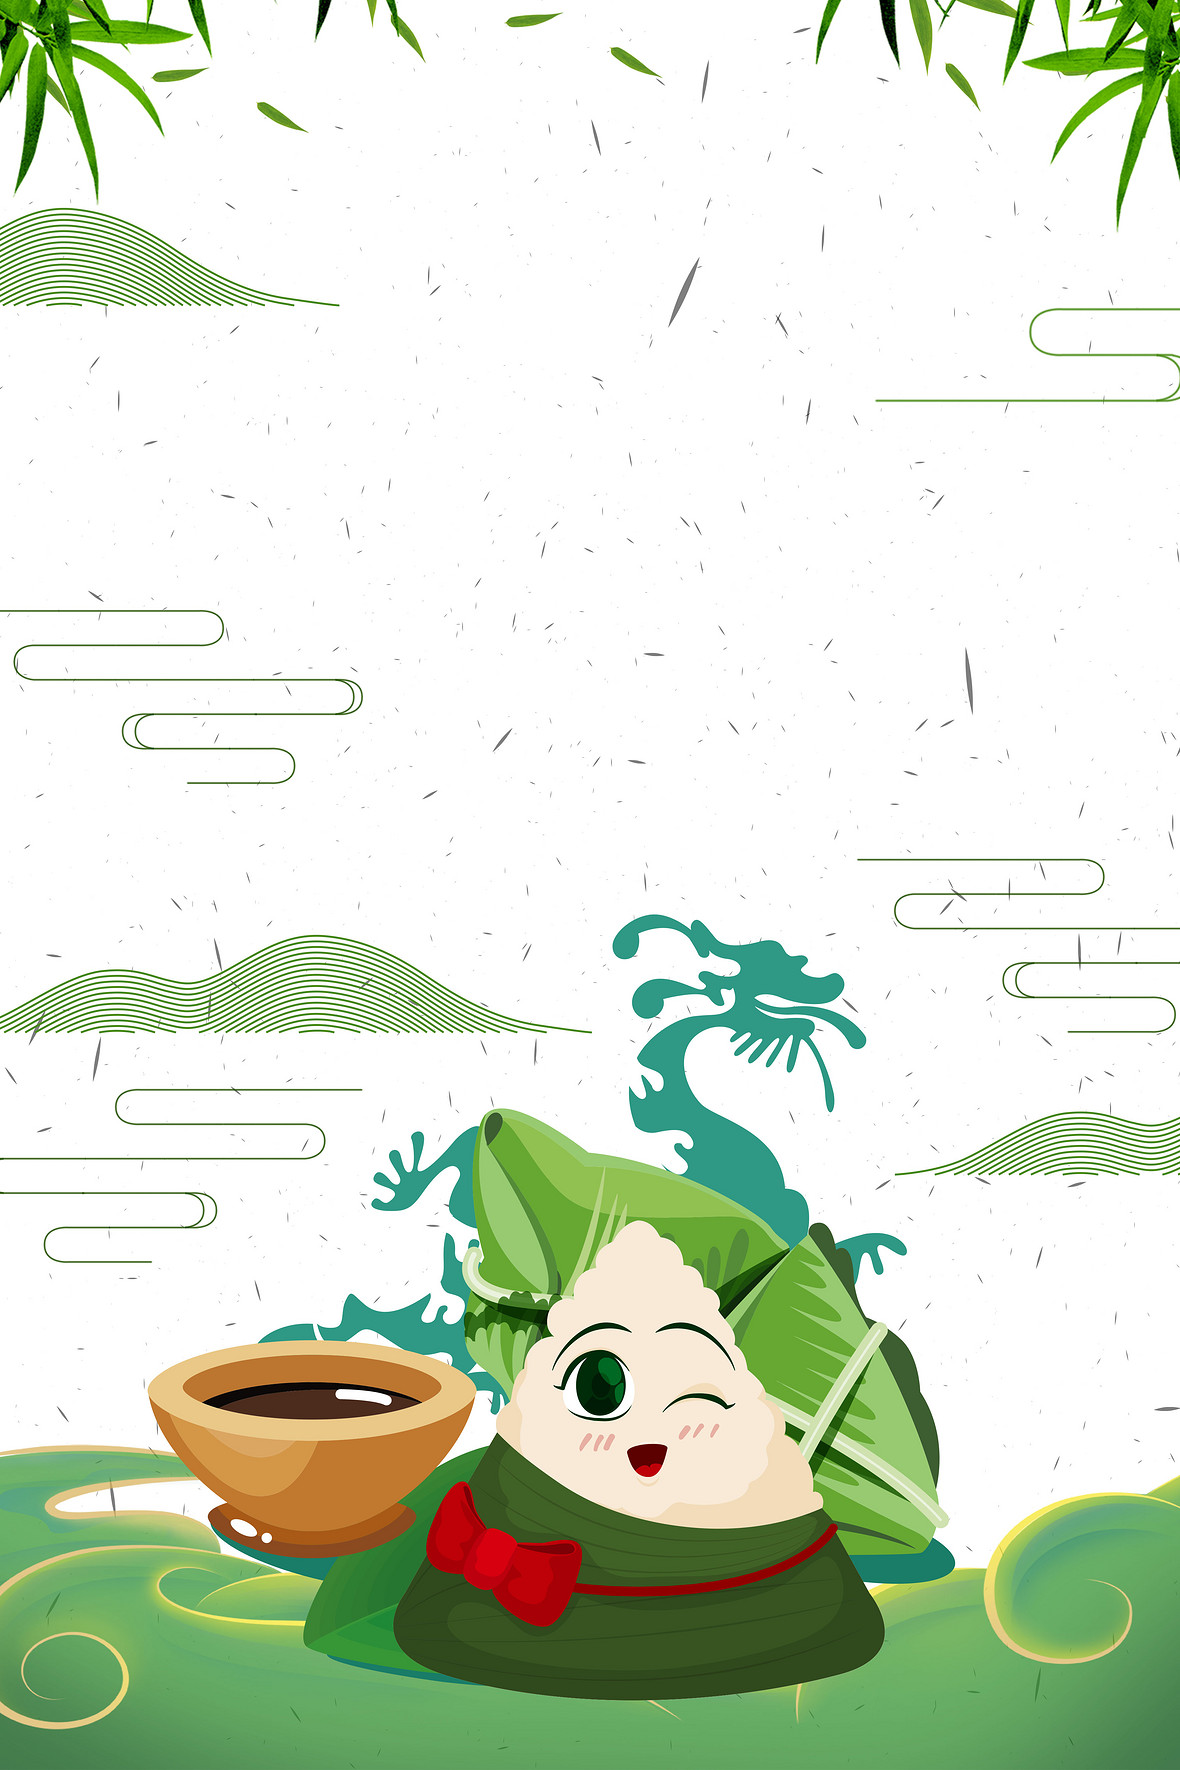 可爱手绘粽子端午节主题广告海报背景素材图片